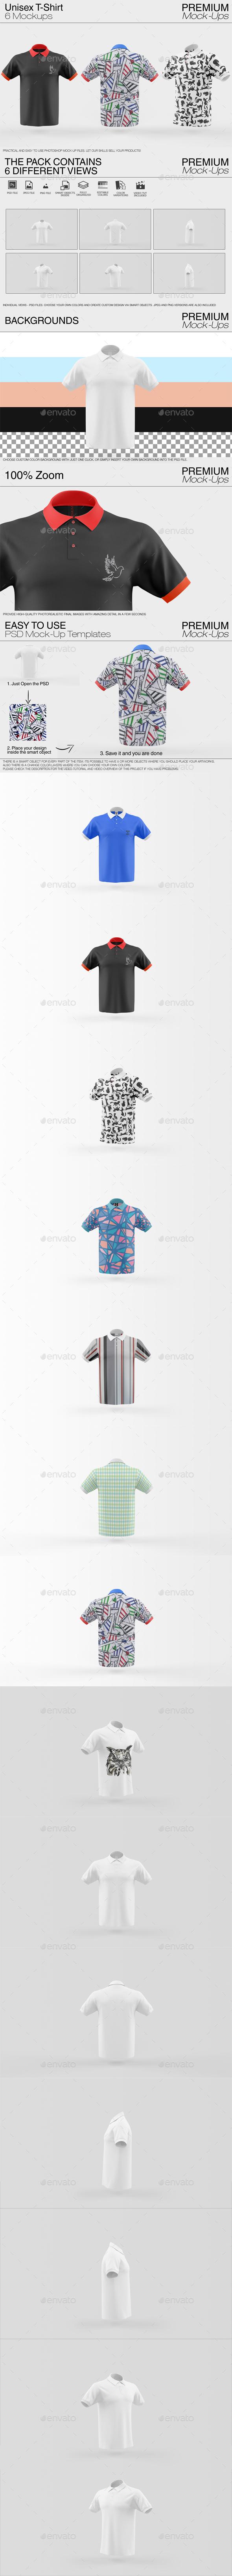 Shirt Mockup Pack - Print Product Mock-Ups